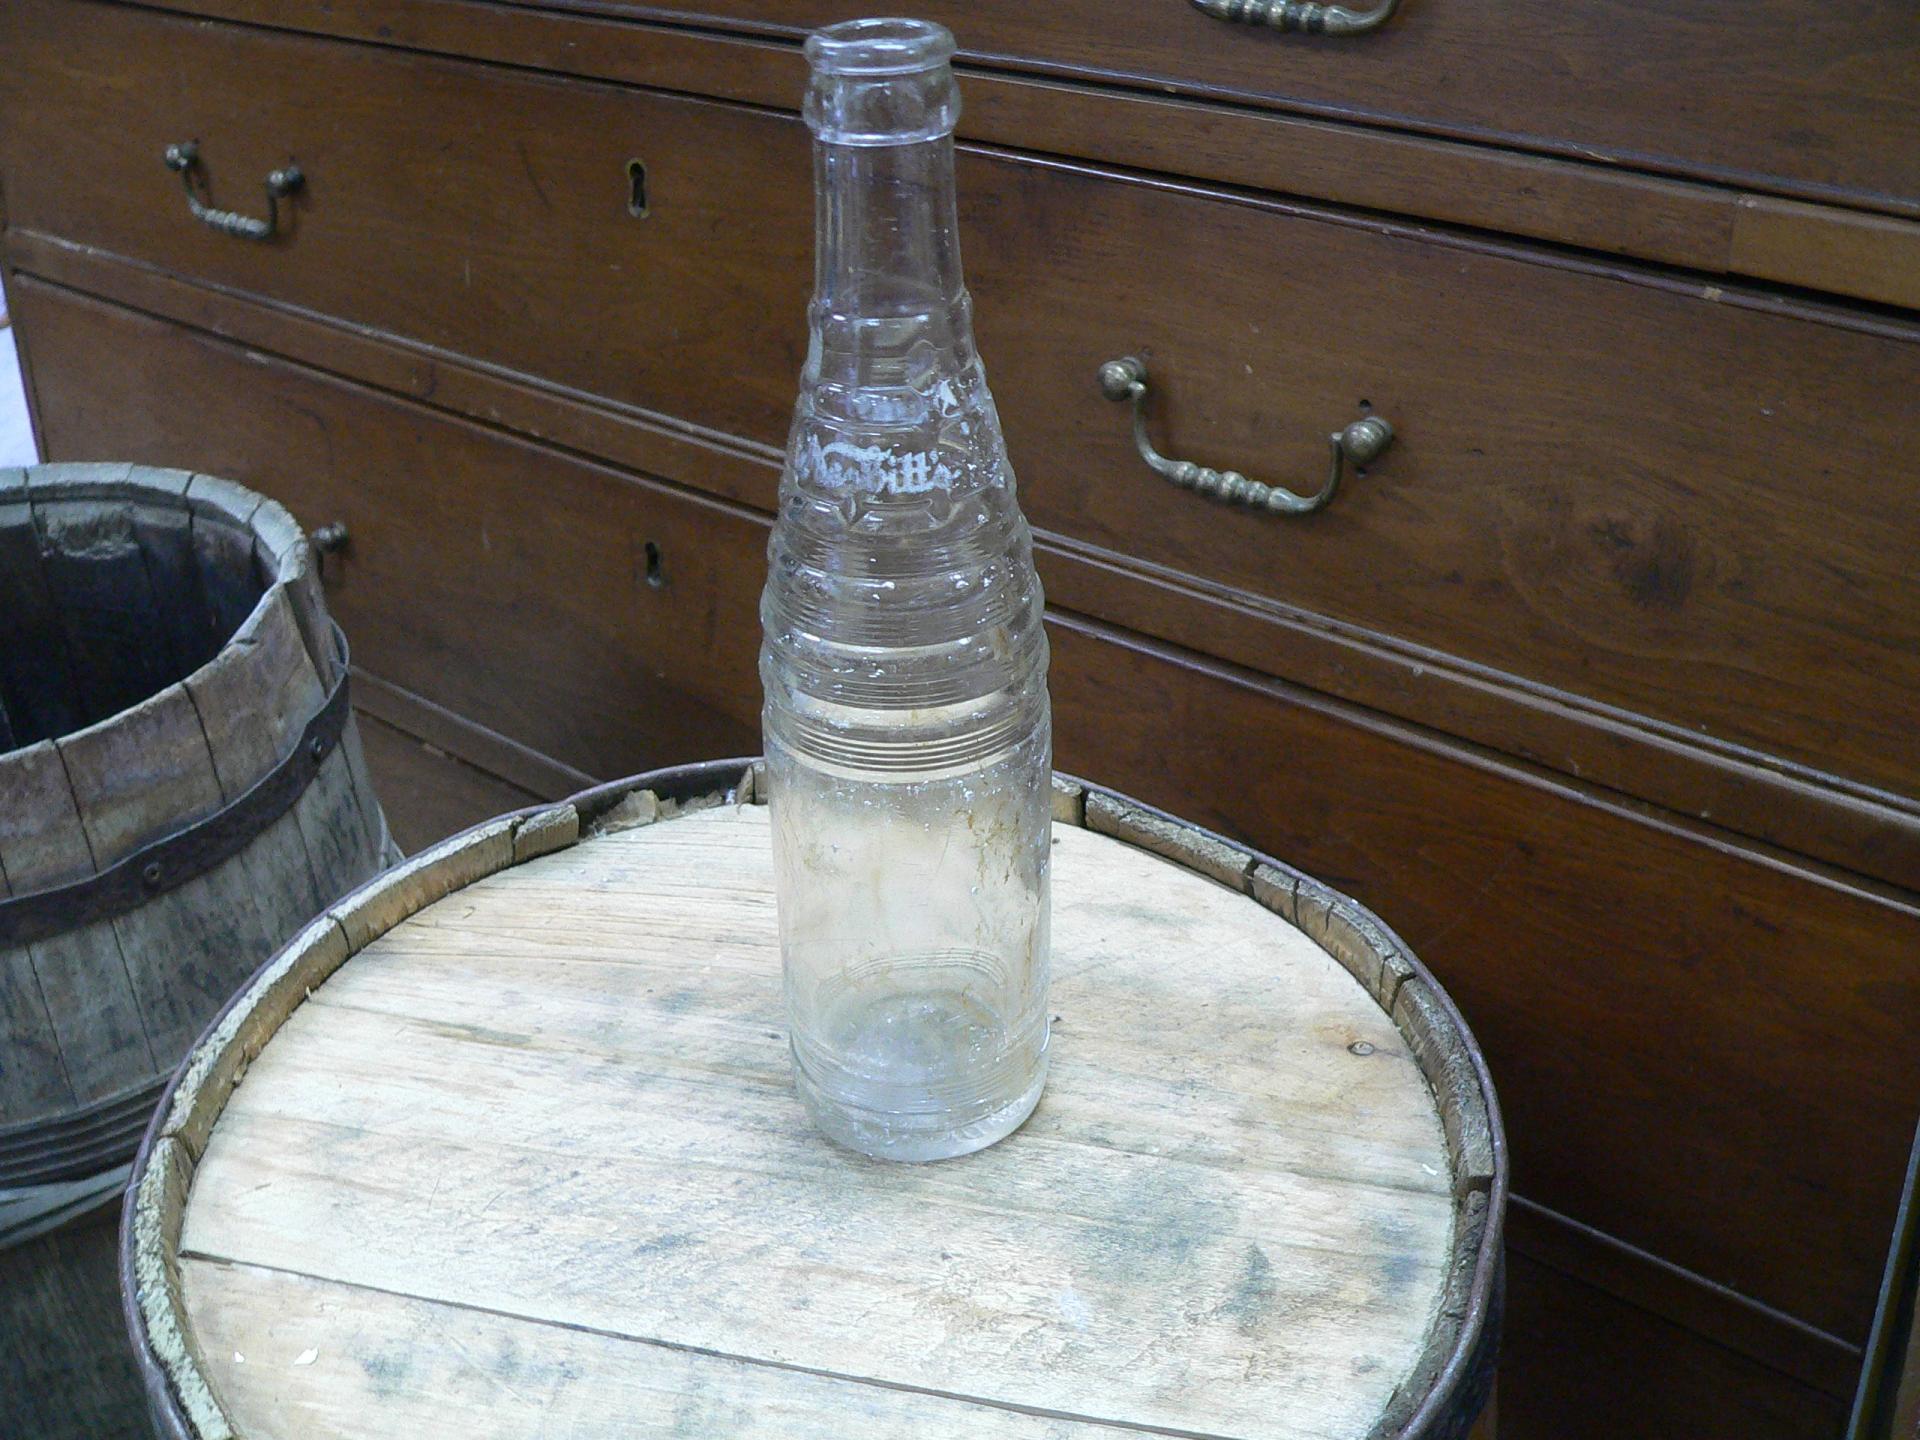 Bouteille antique nesbitt's # 4878.5